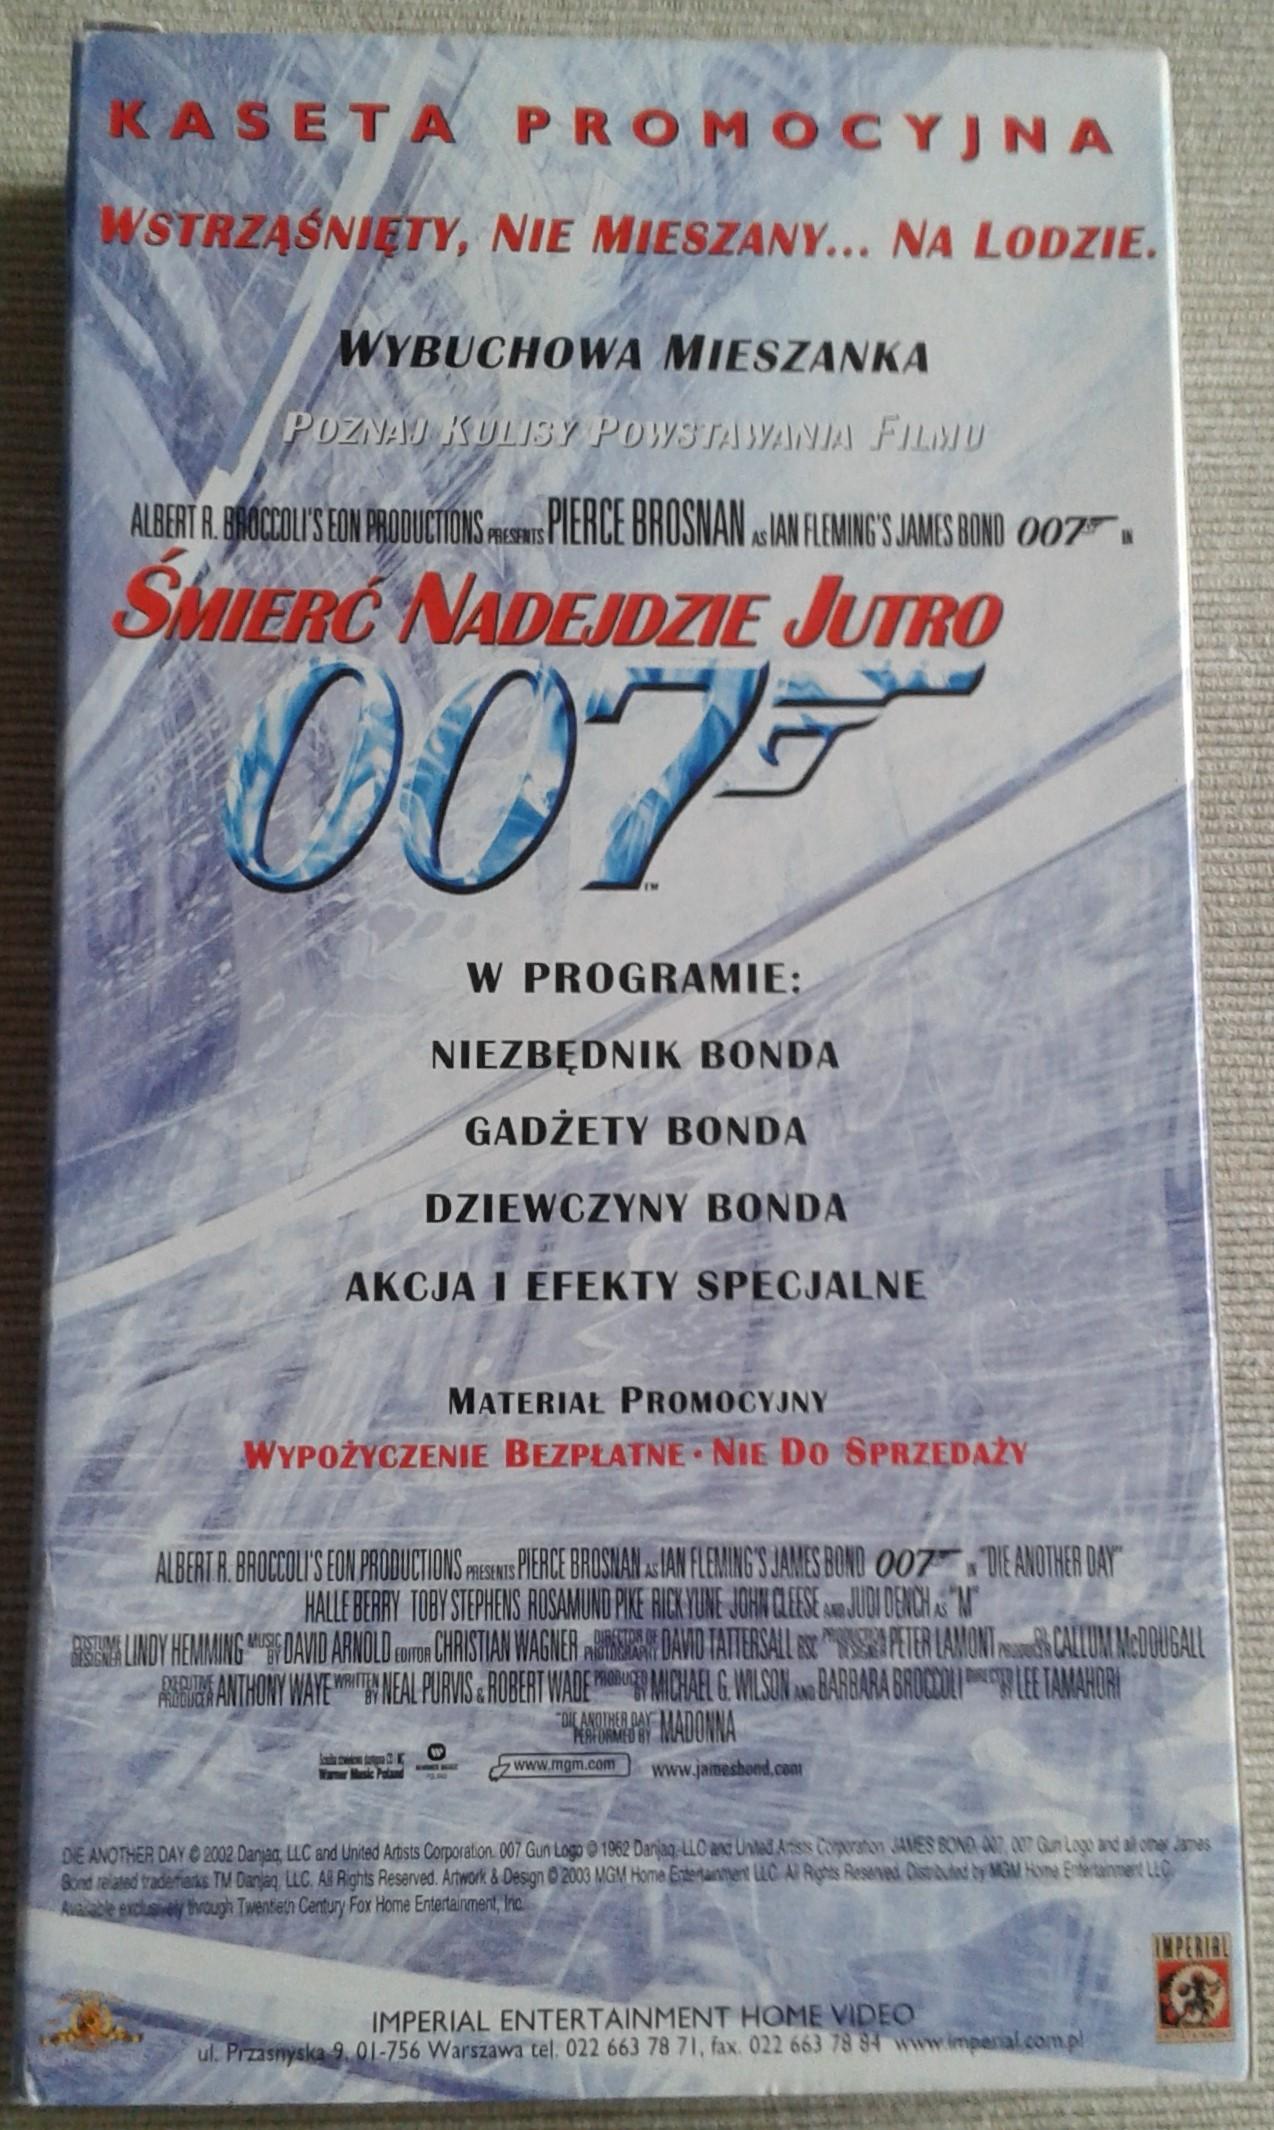 Śmierć nadejdzie jutro - kaseta promocyjna (Imperial, 2003)